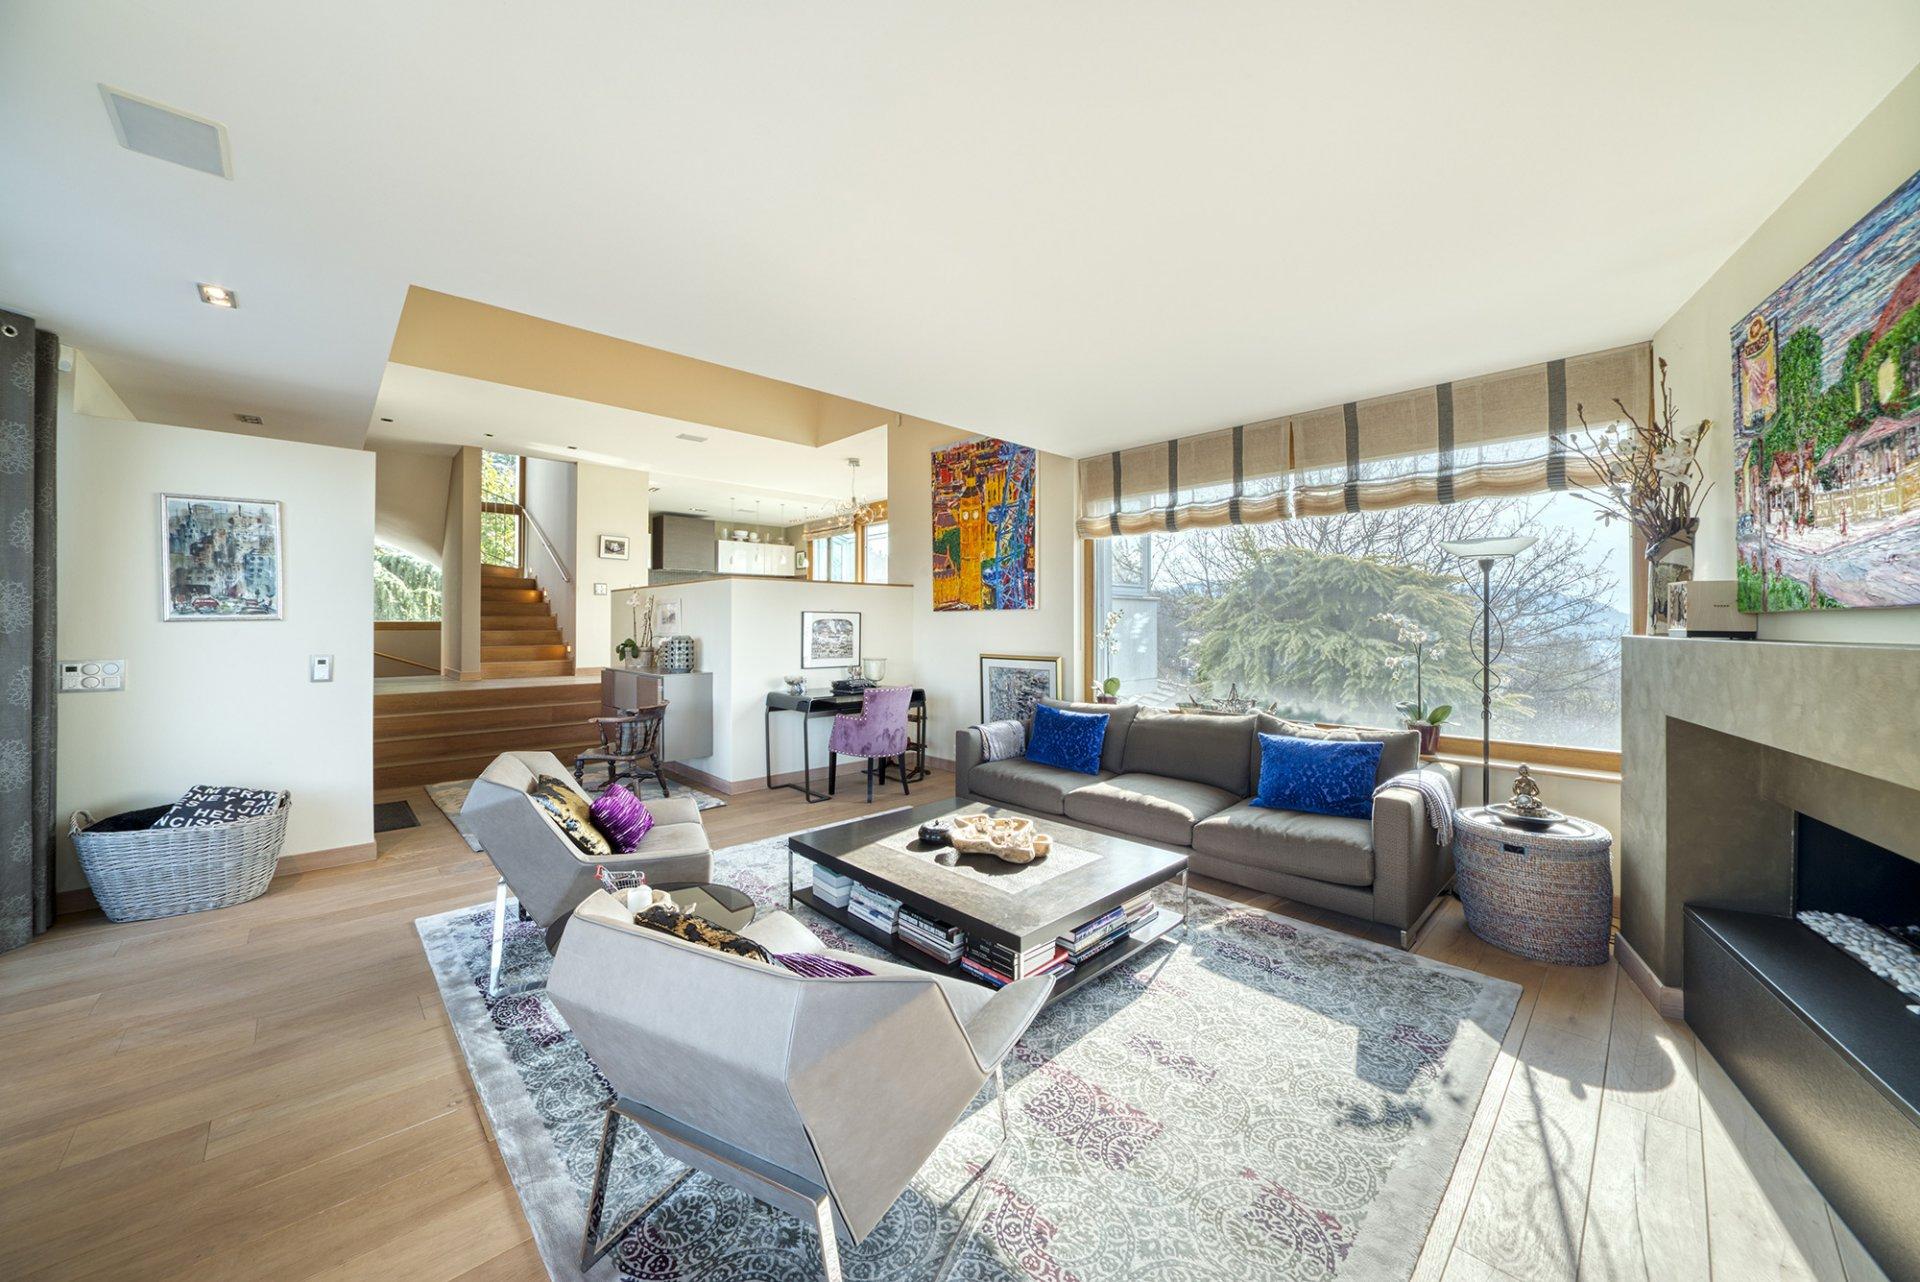 BELMONT - magnifique villa d'architecte avec vue panoramique